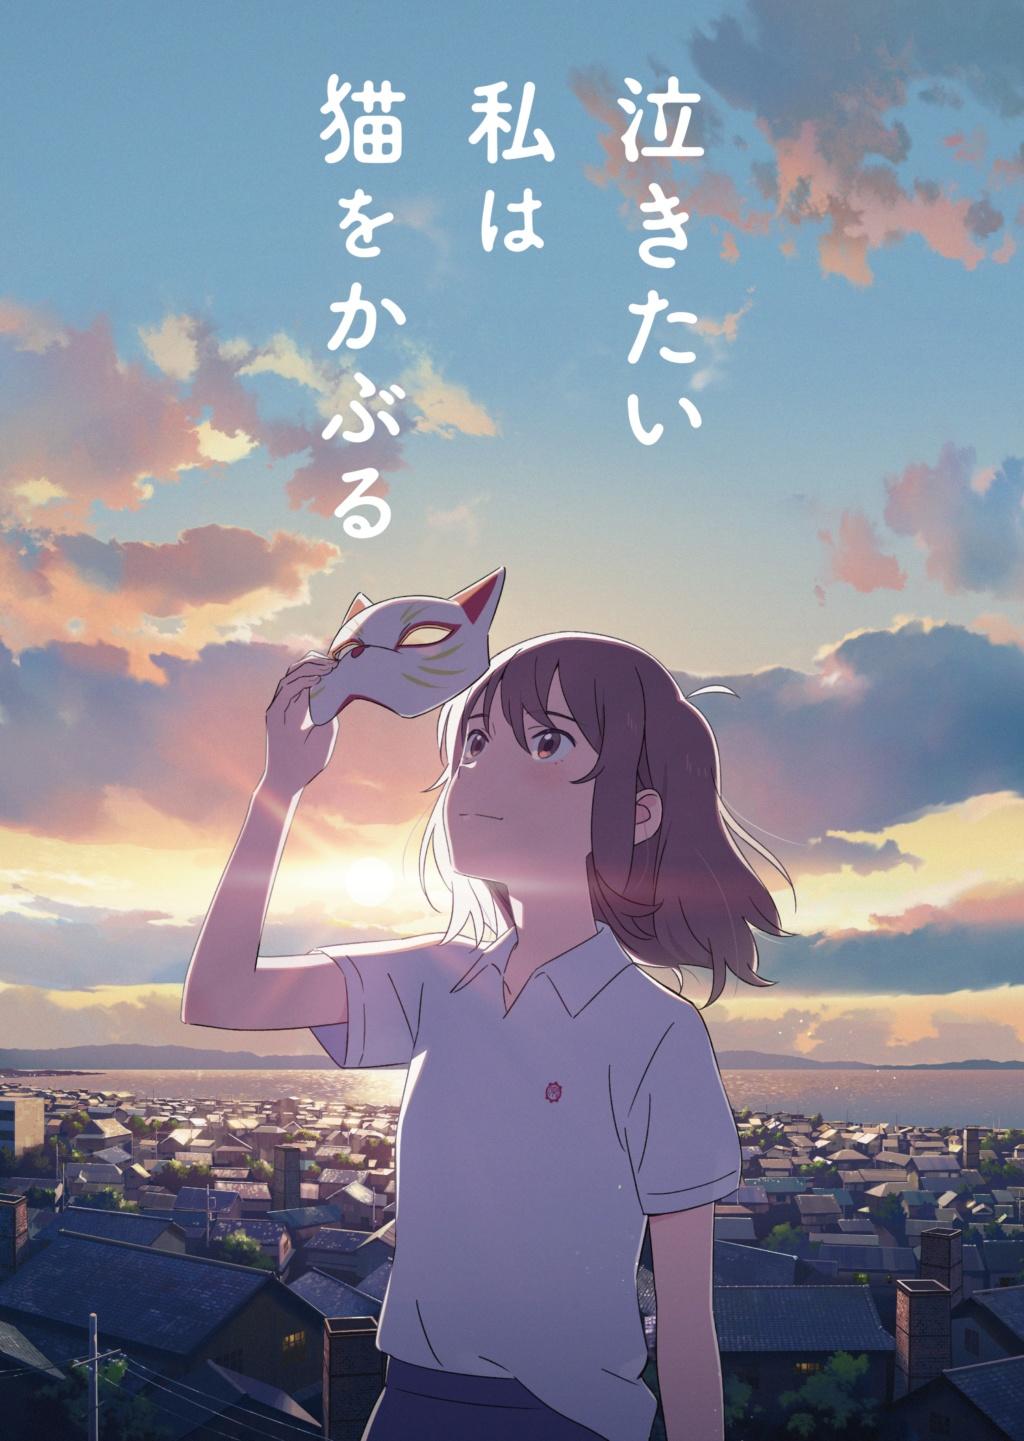 動畫公司Studio Colorido最新製作的長篇原創動畫電影《泣きたい私は猫をかぶる》將在6月5日上映! Epusmp10